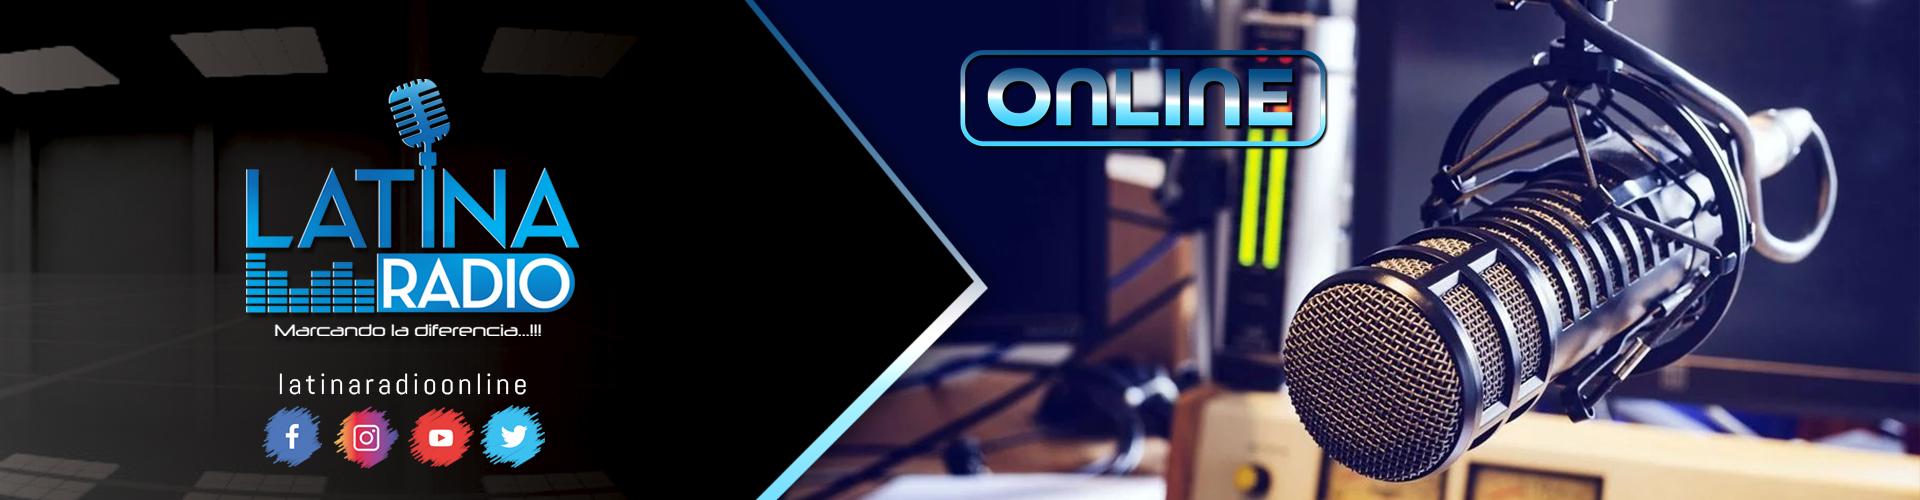 Latina Radio - Albania, La Guajira